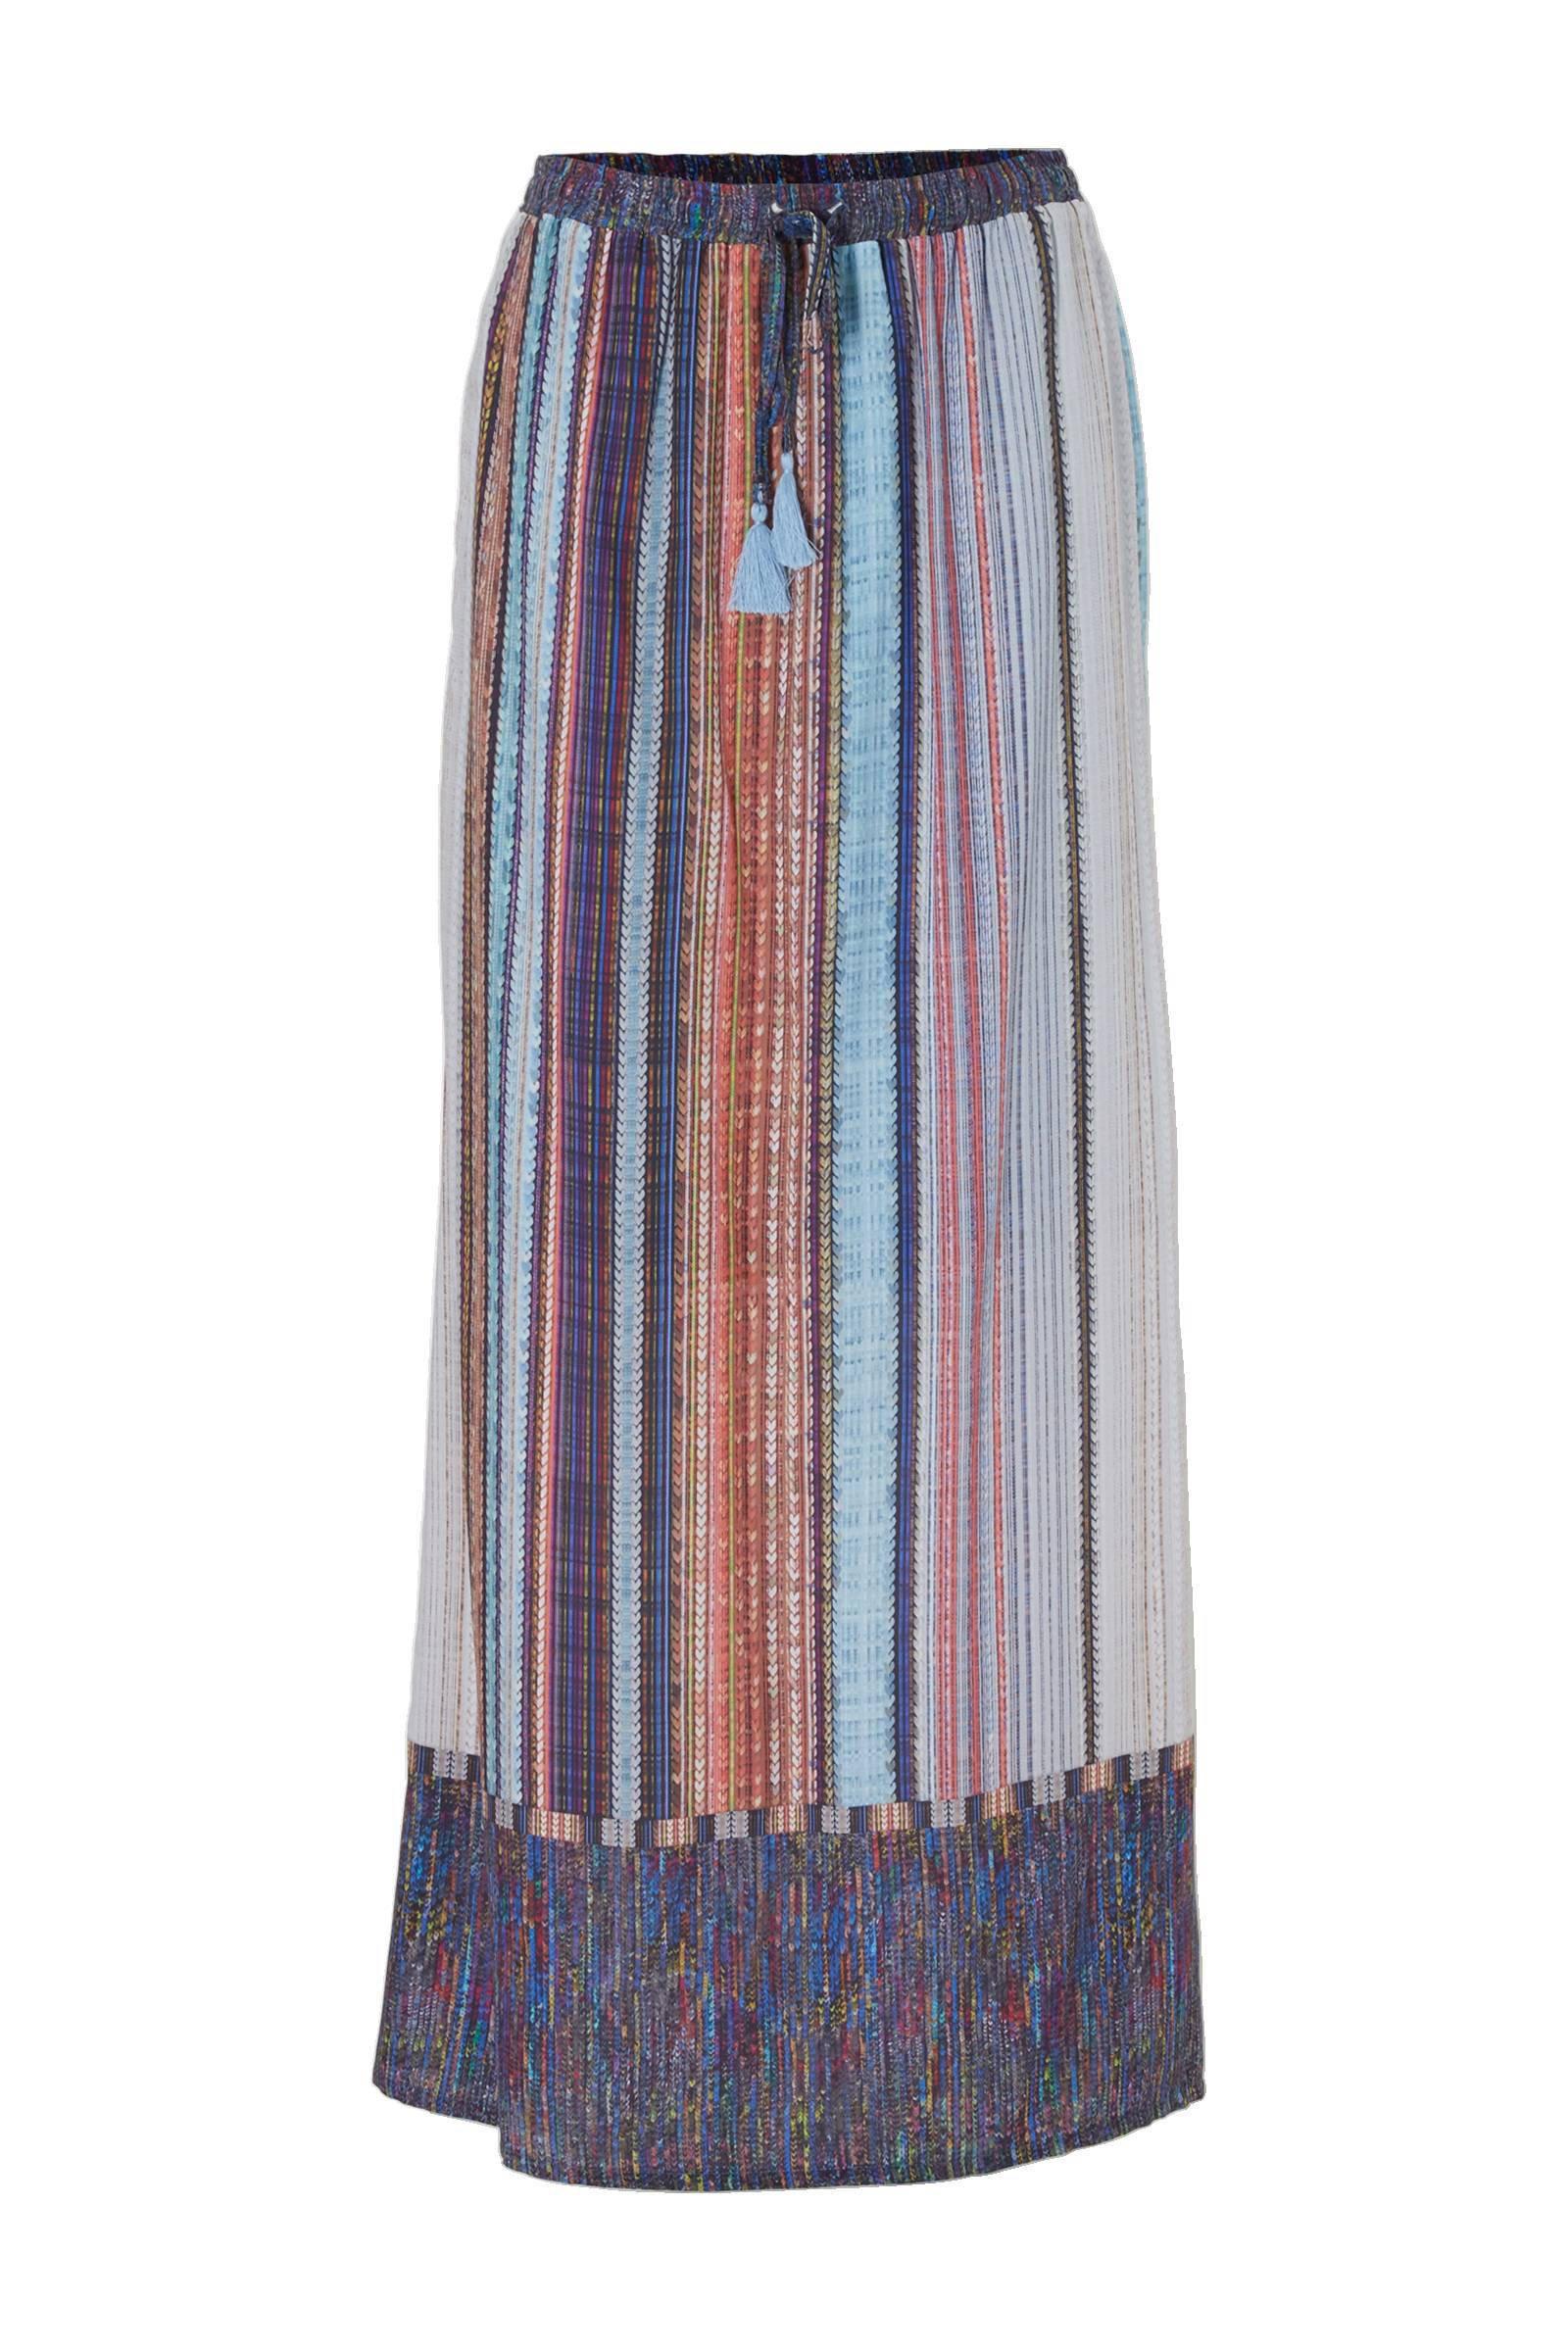 lange rok wehkamp